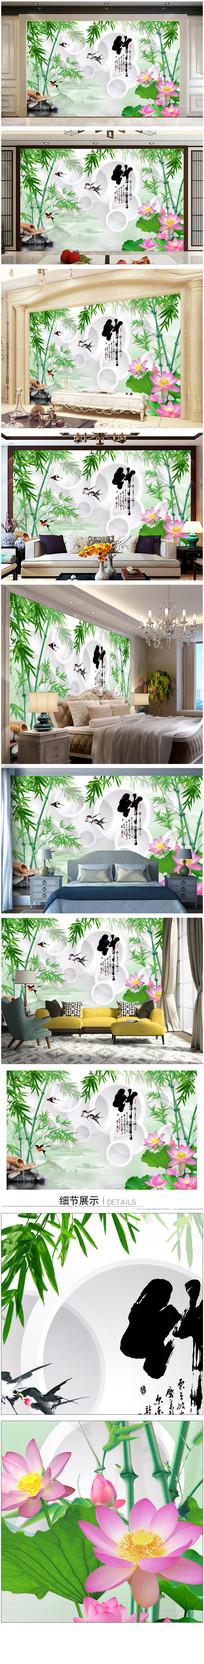 荷花竹叶背景墙